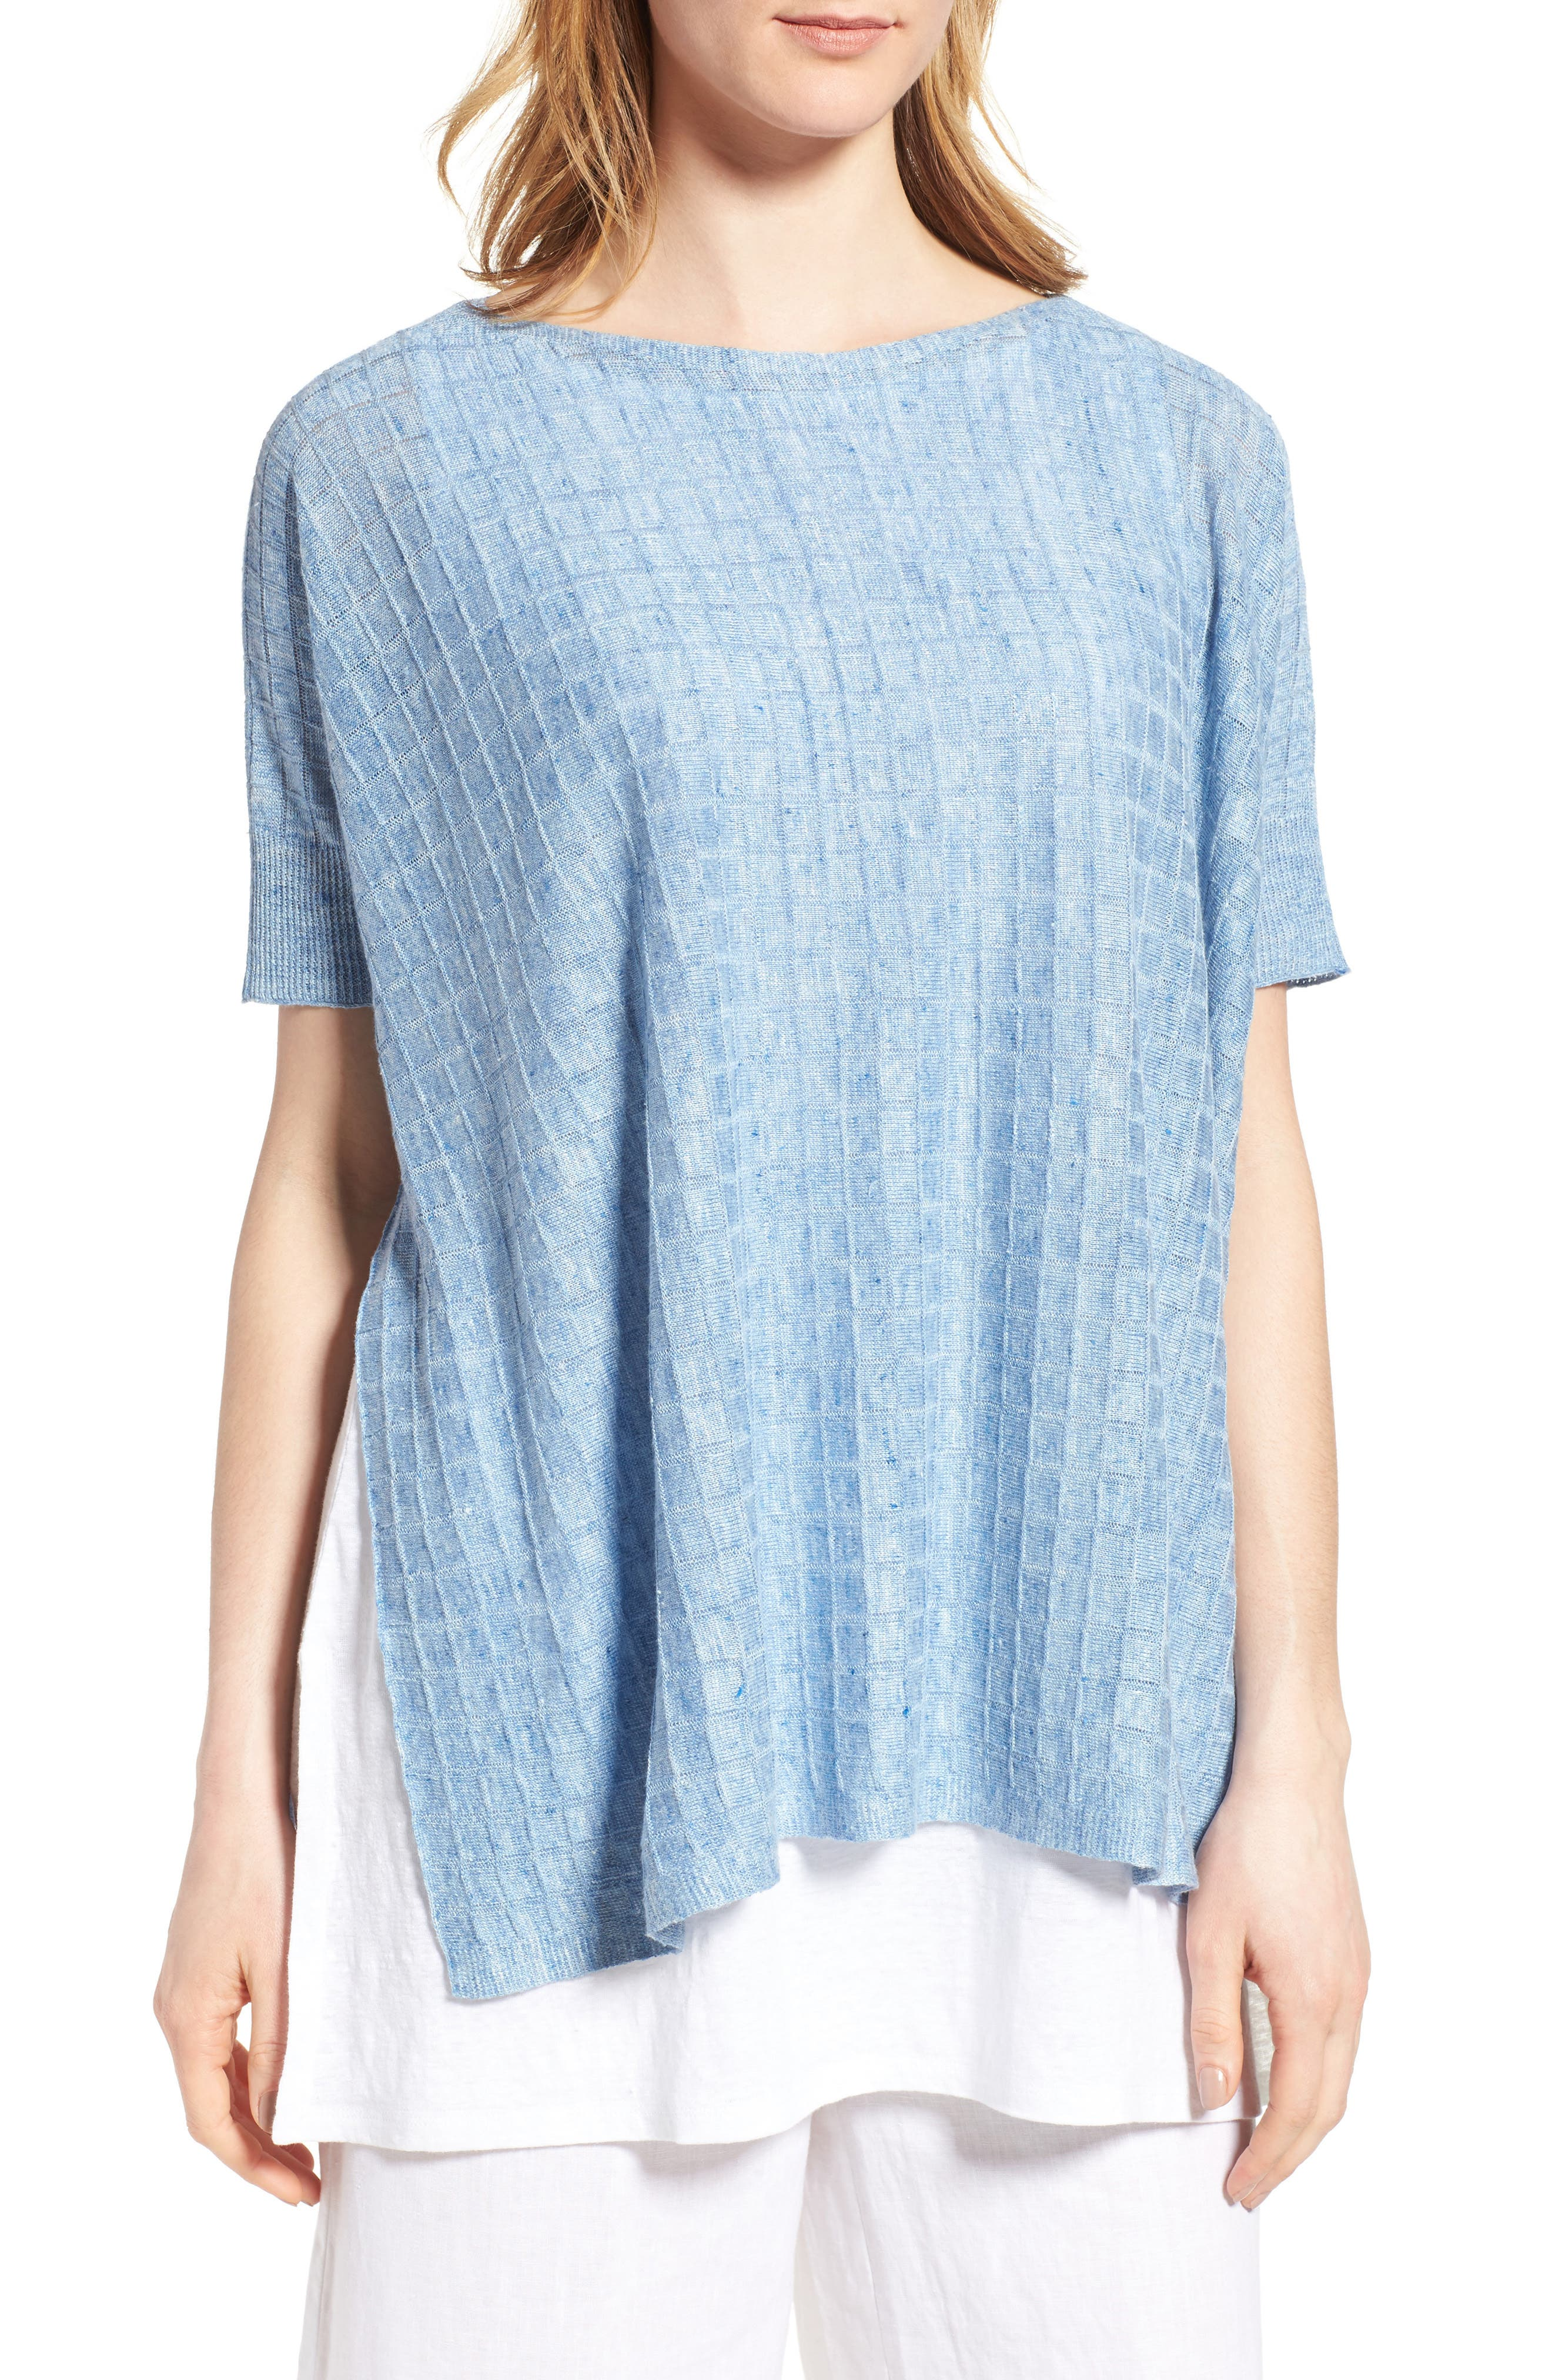 Alternate Image 1 Selected - Eileen Fisher Linen Side Slit Sweater (Regular & Petite)